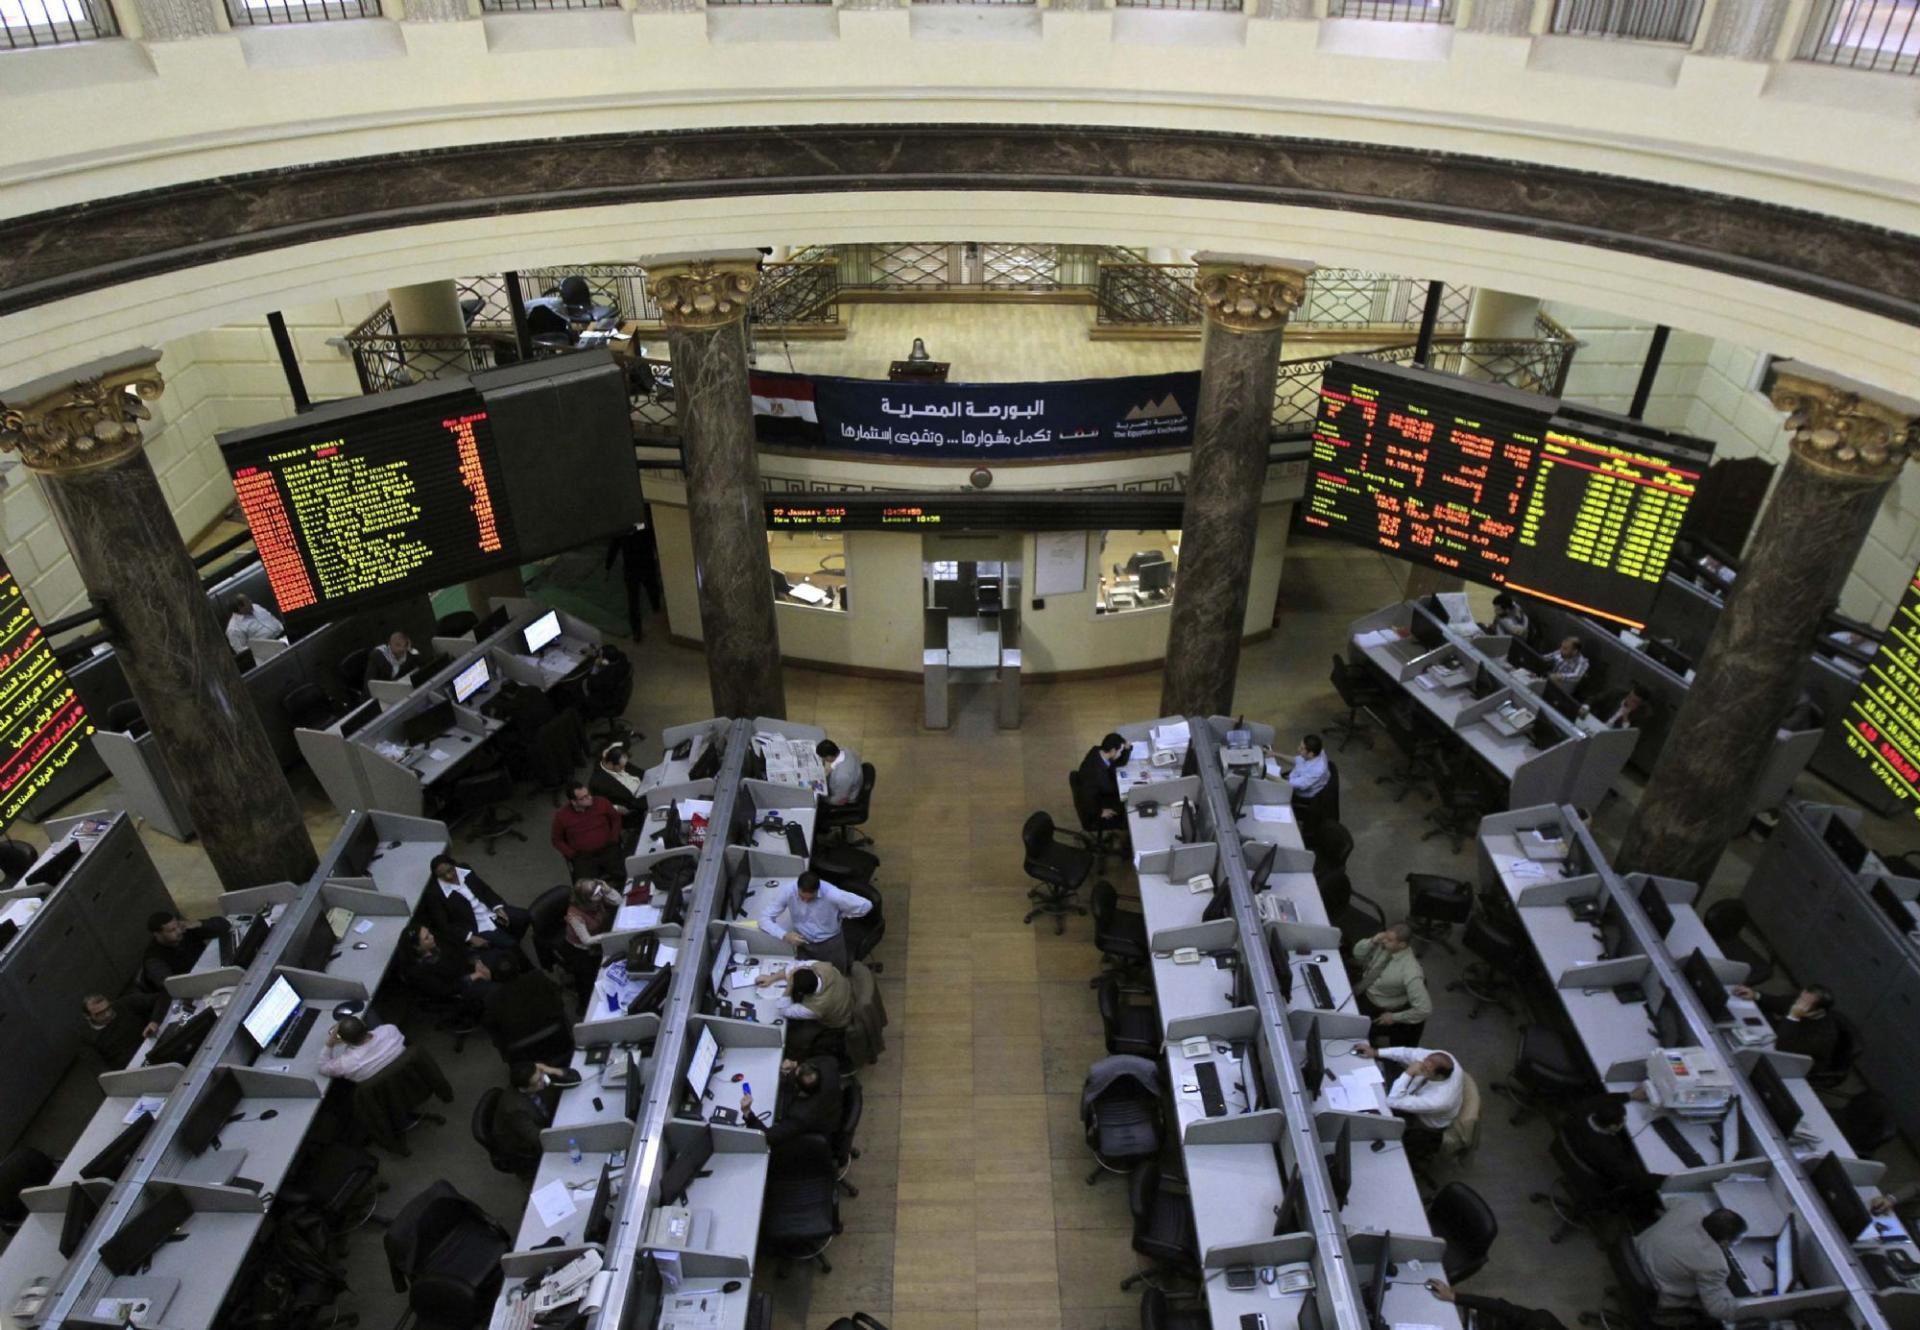 البورصة المصرية تكسر موجة التراجعات وترتفع 5% بفضل المحفزات الحكومية الطارئة